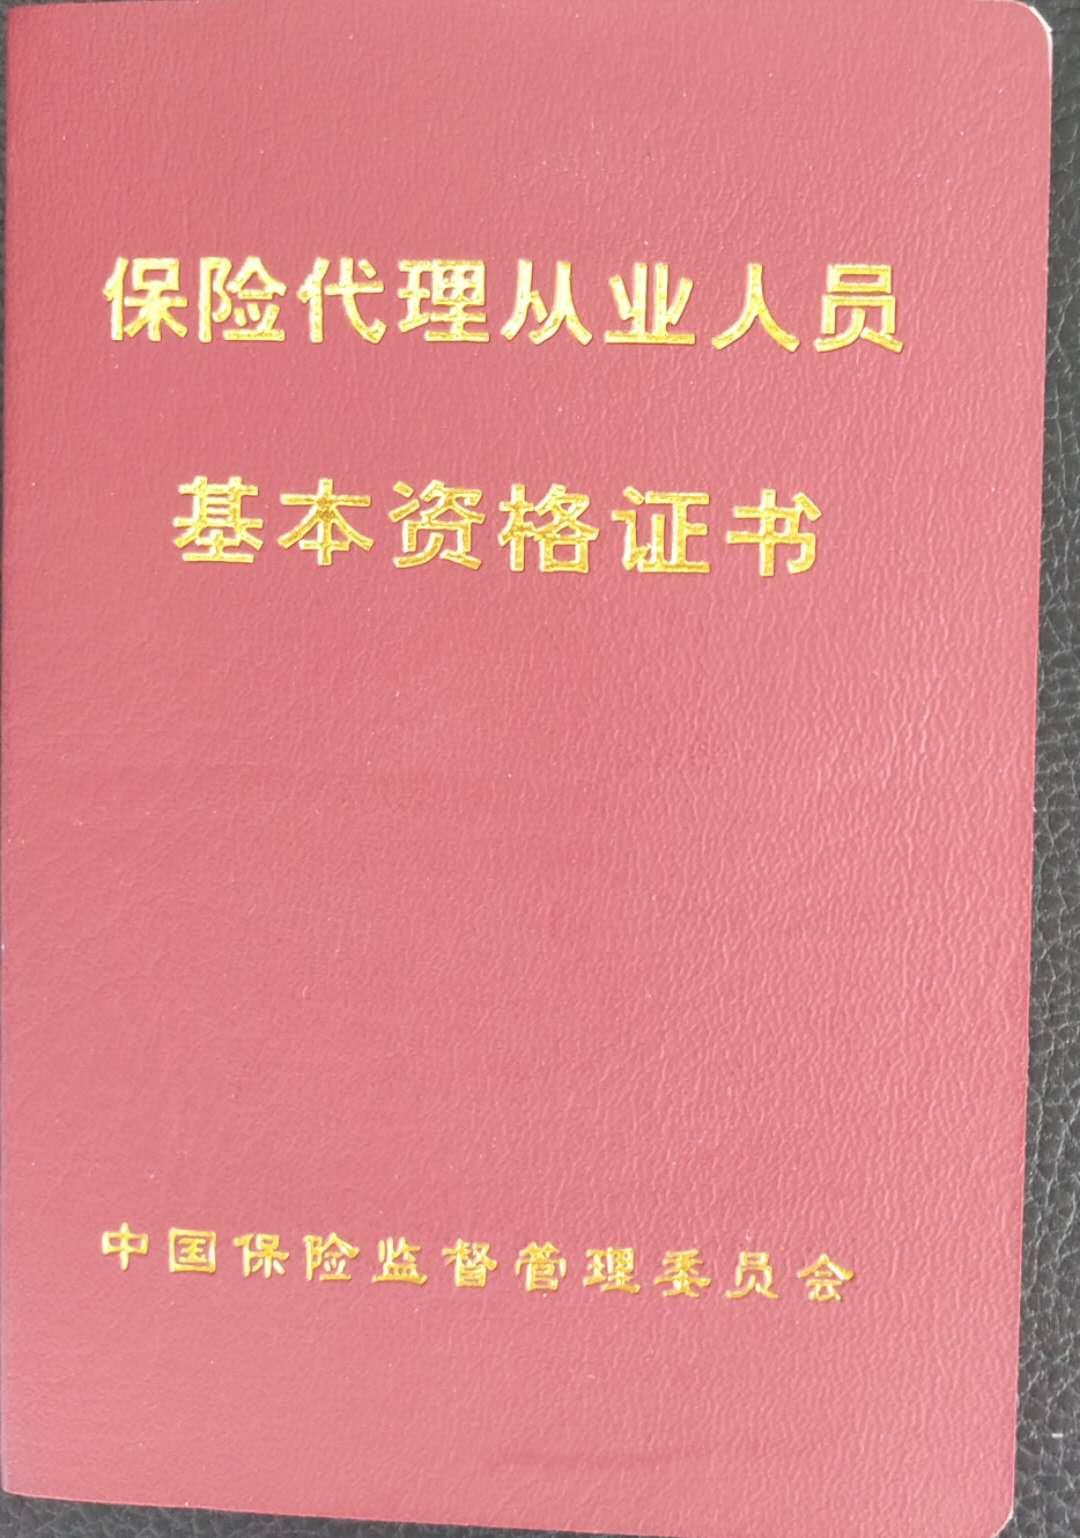 陈律师保险代理从业人员基本资格证书(2002)